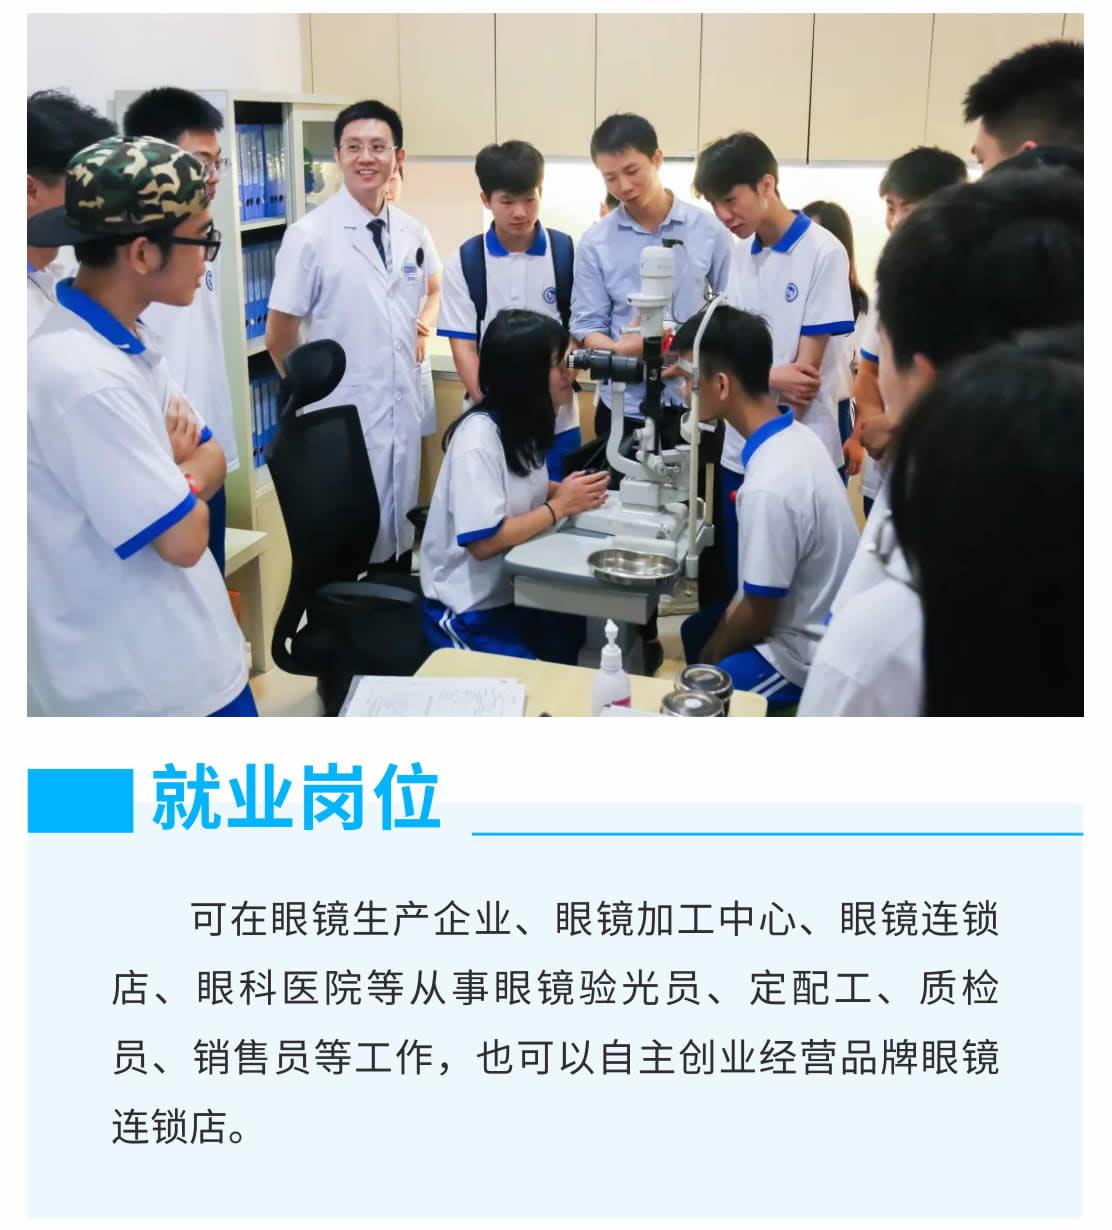 眼视光技术(初中起点三年制)-1_r3_c1.jpg